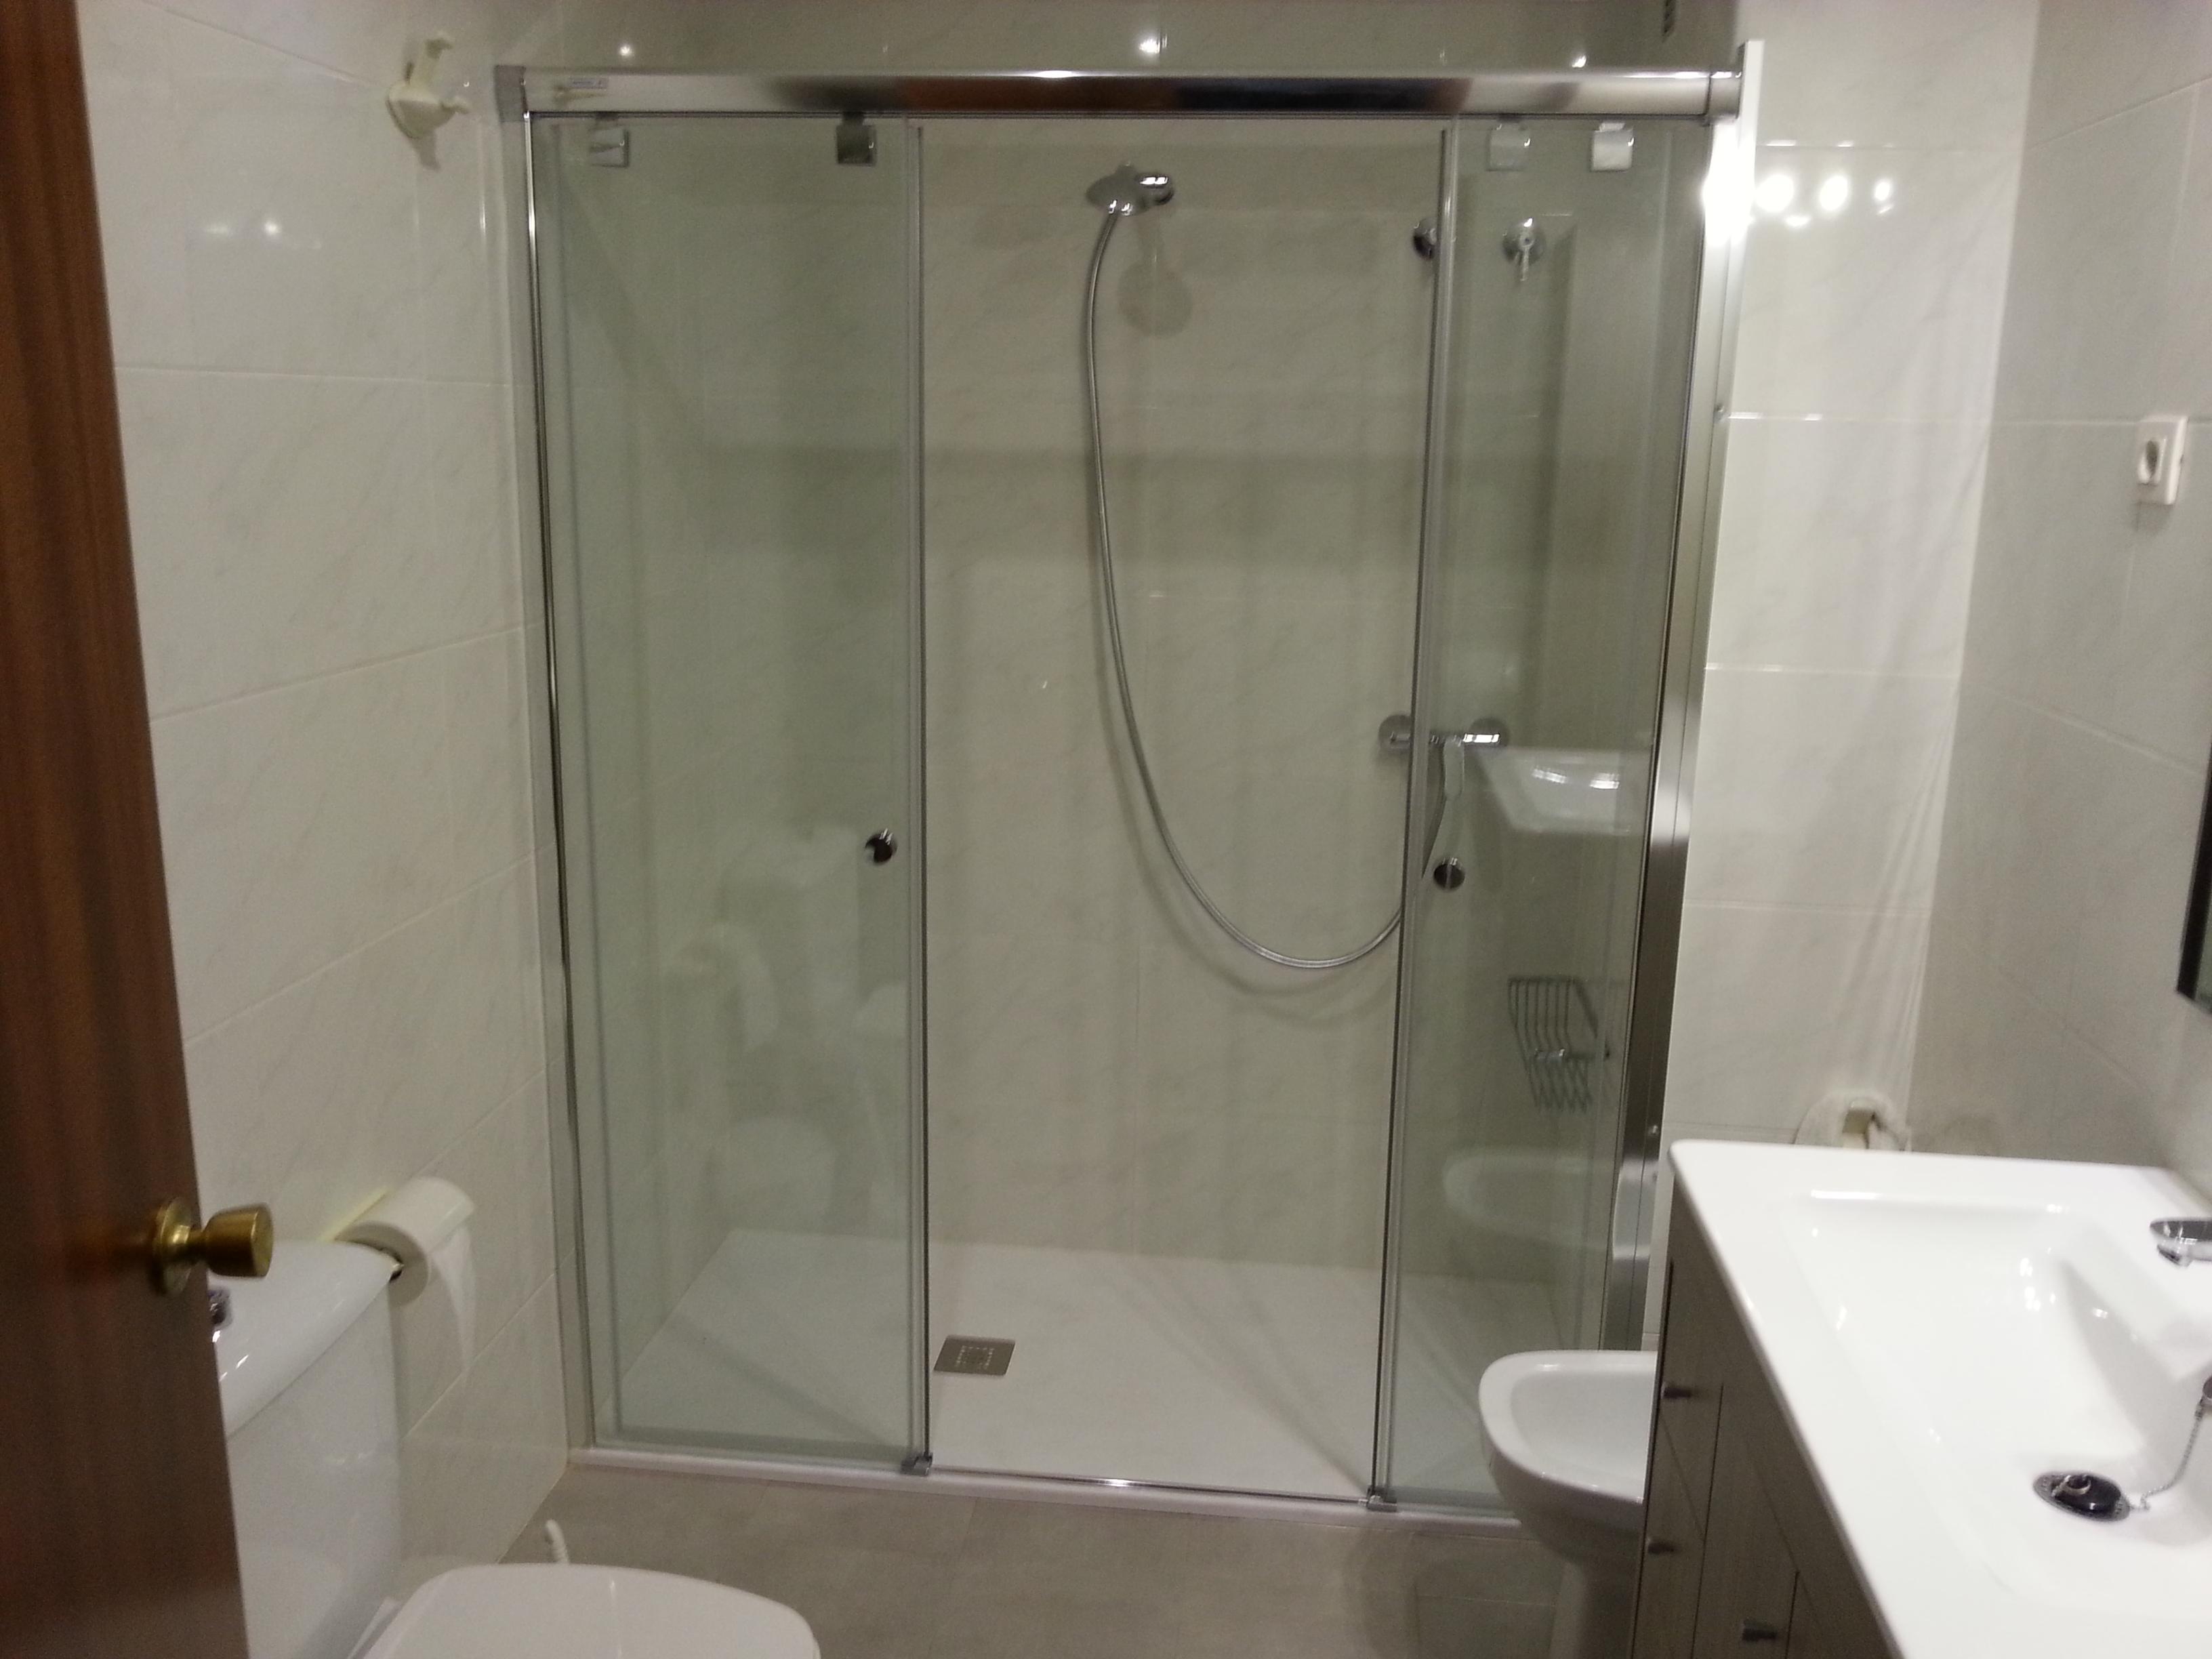 Mampara de ba o corredera en aluminio anodizado plata - Manparas de ducha ...